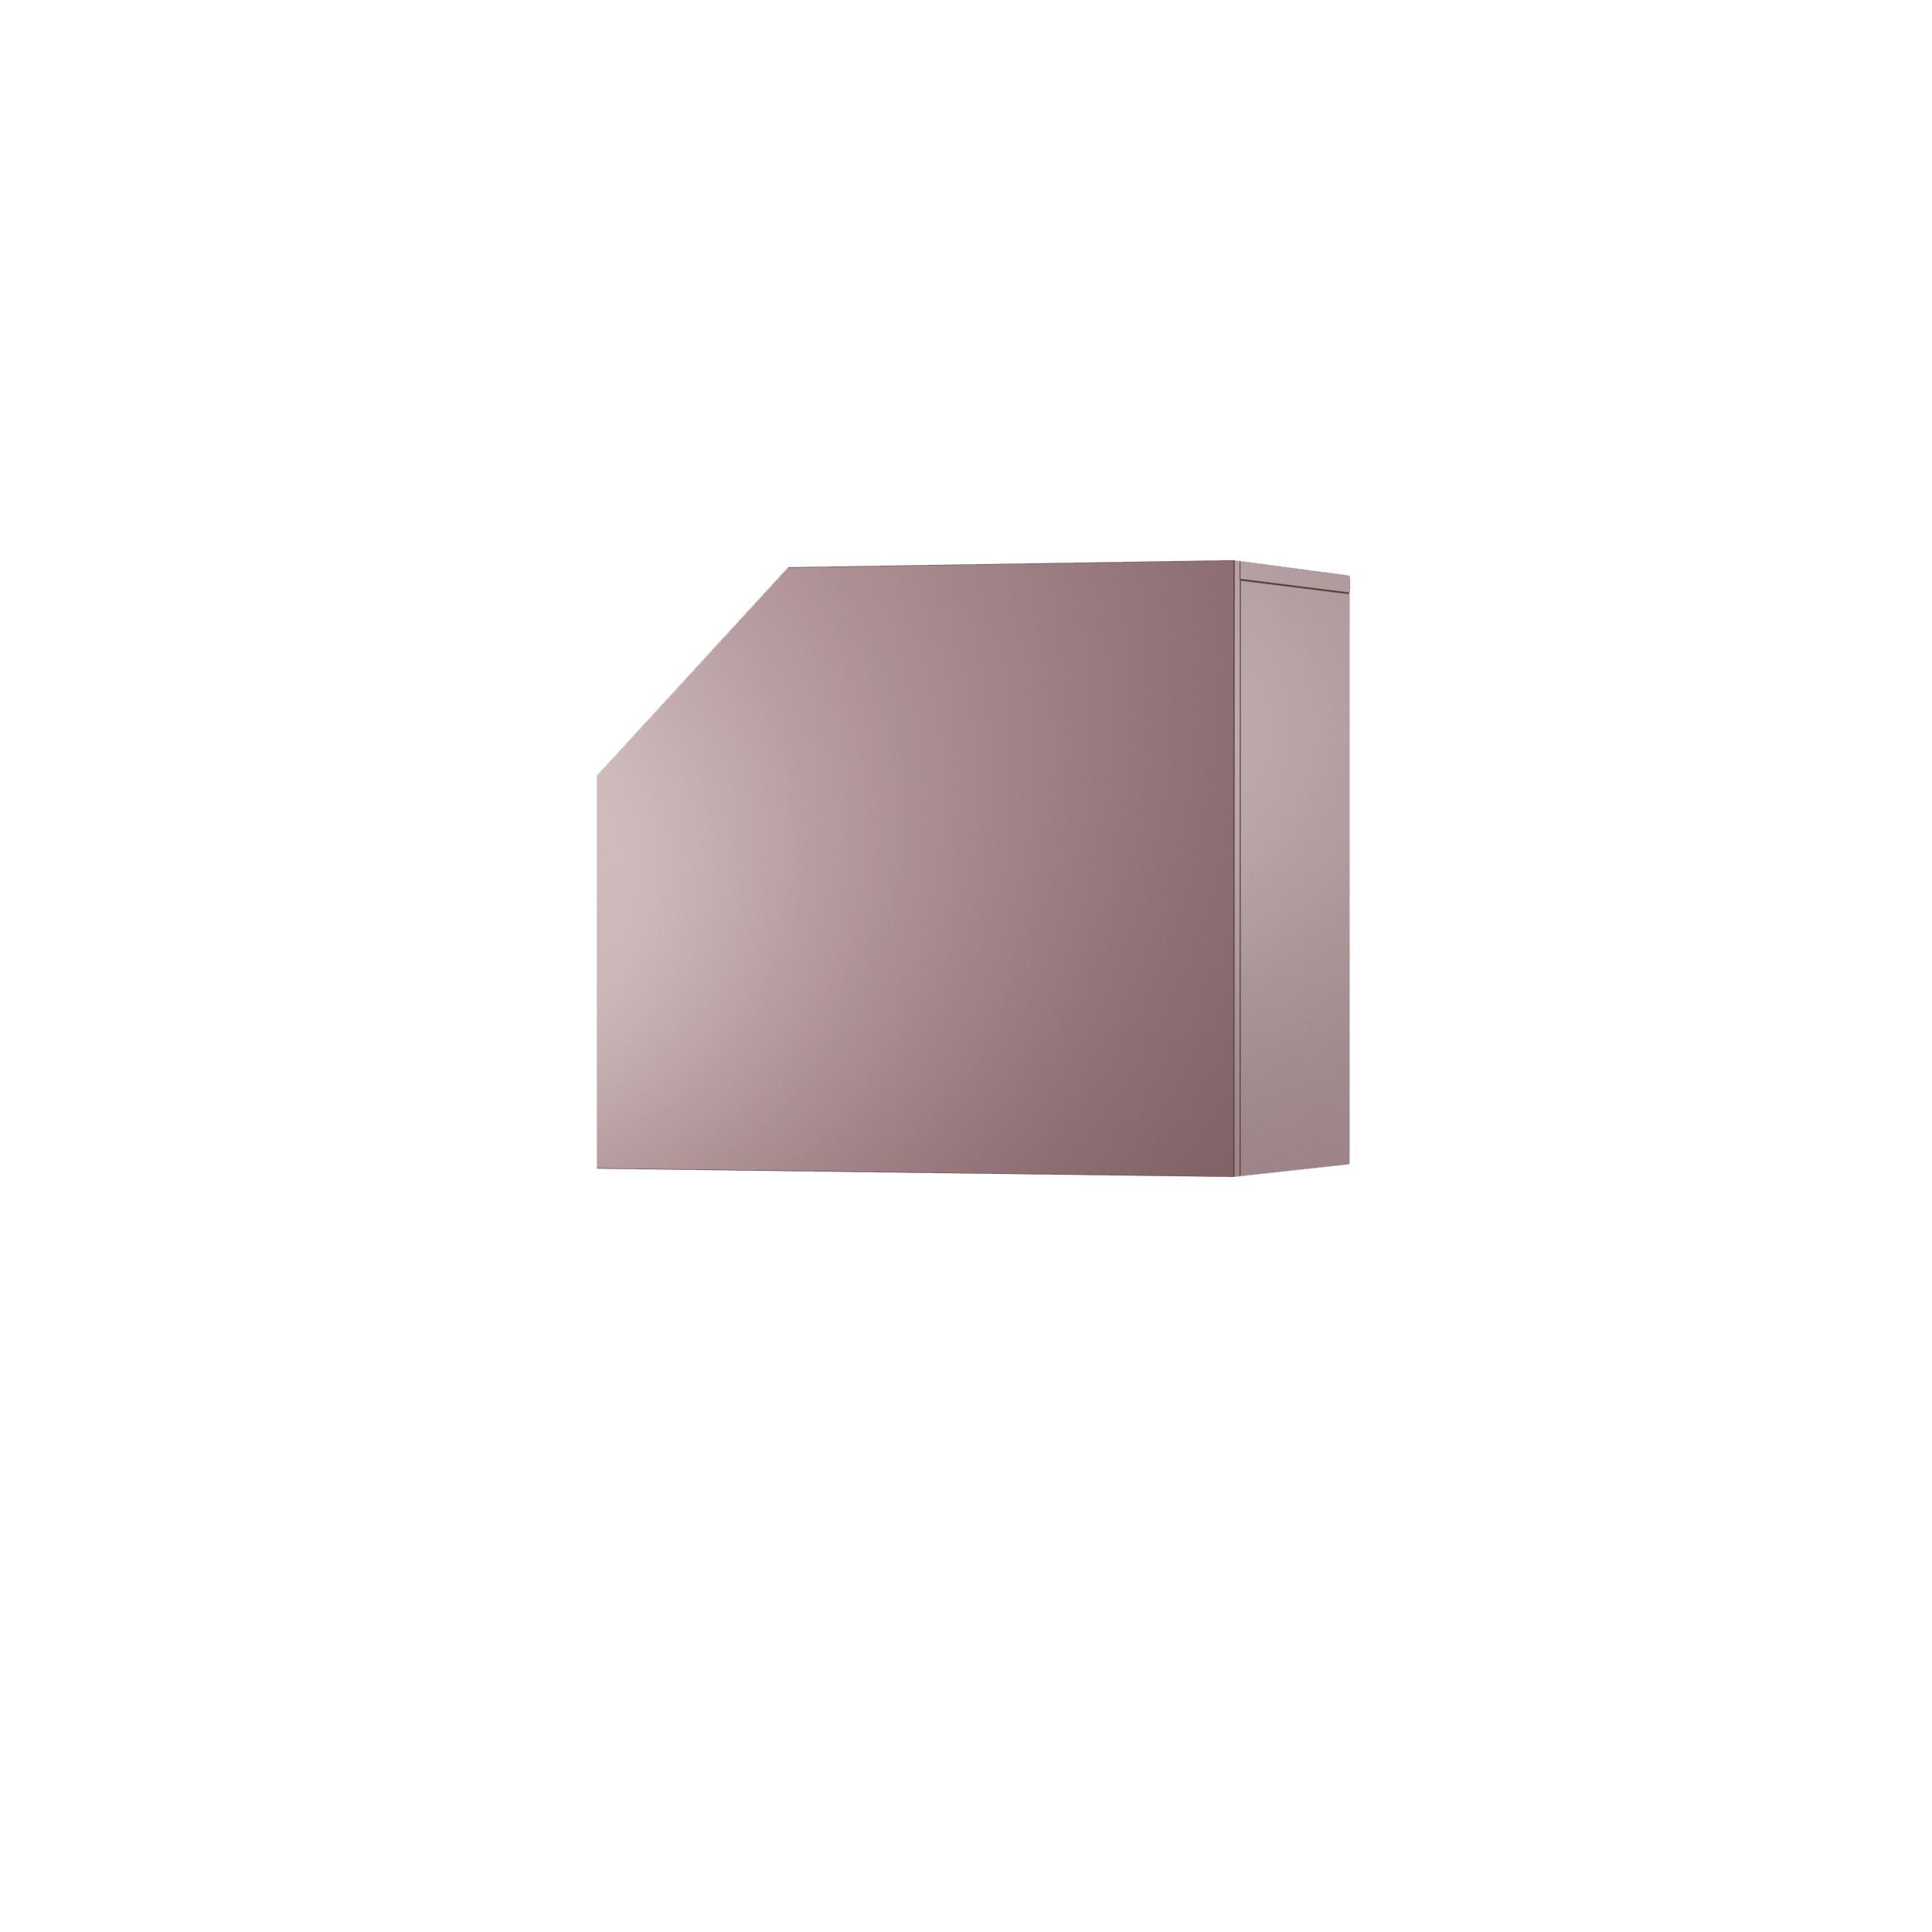 Dulap Modular Nook Left Violet  L65xl37xh58 Cm